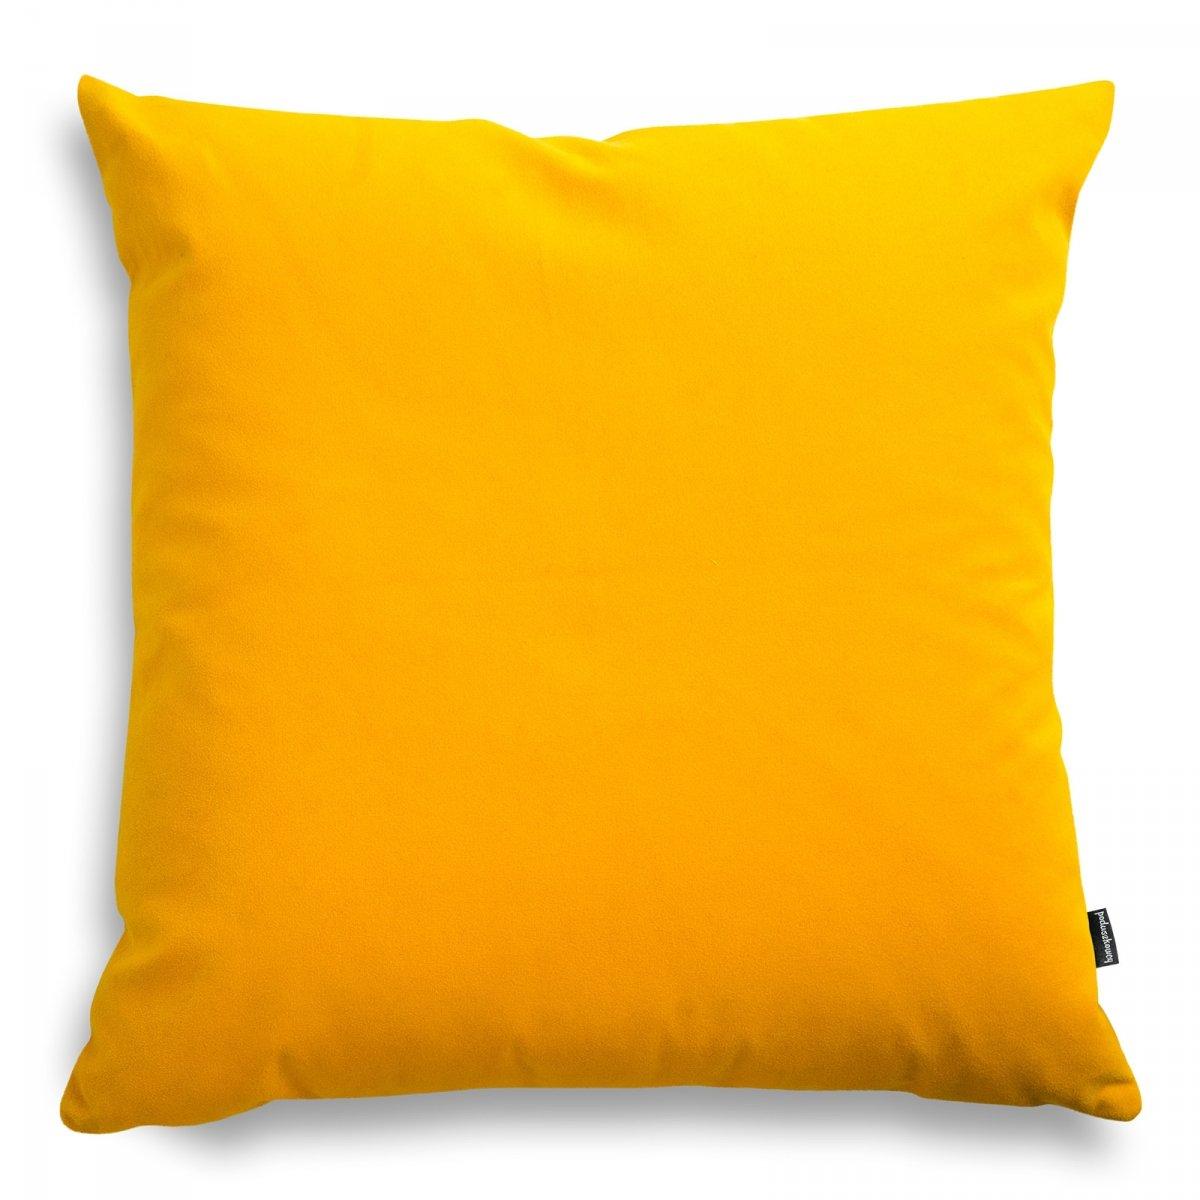 Pram żółta welurowa poduszka dekoracyjna 45x45 cm